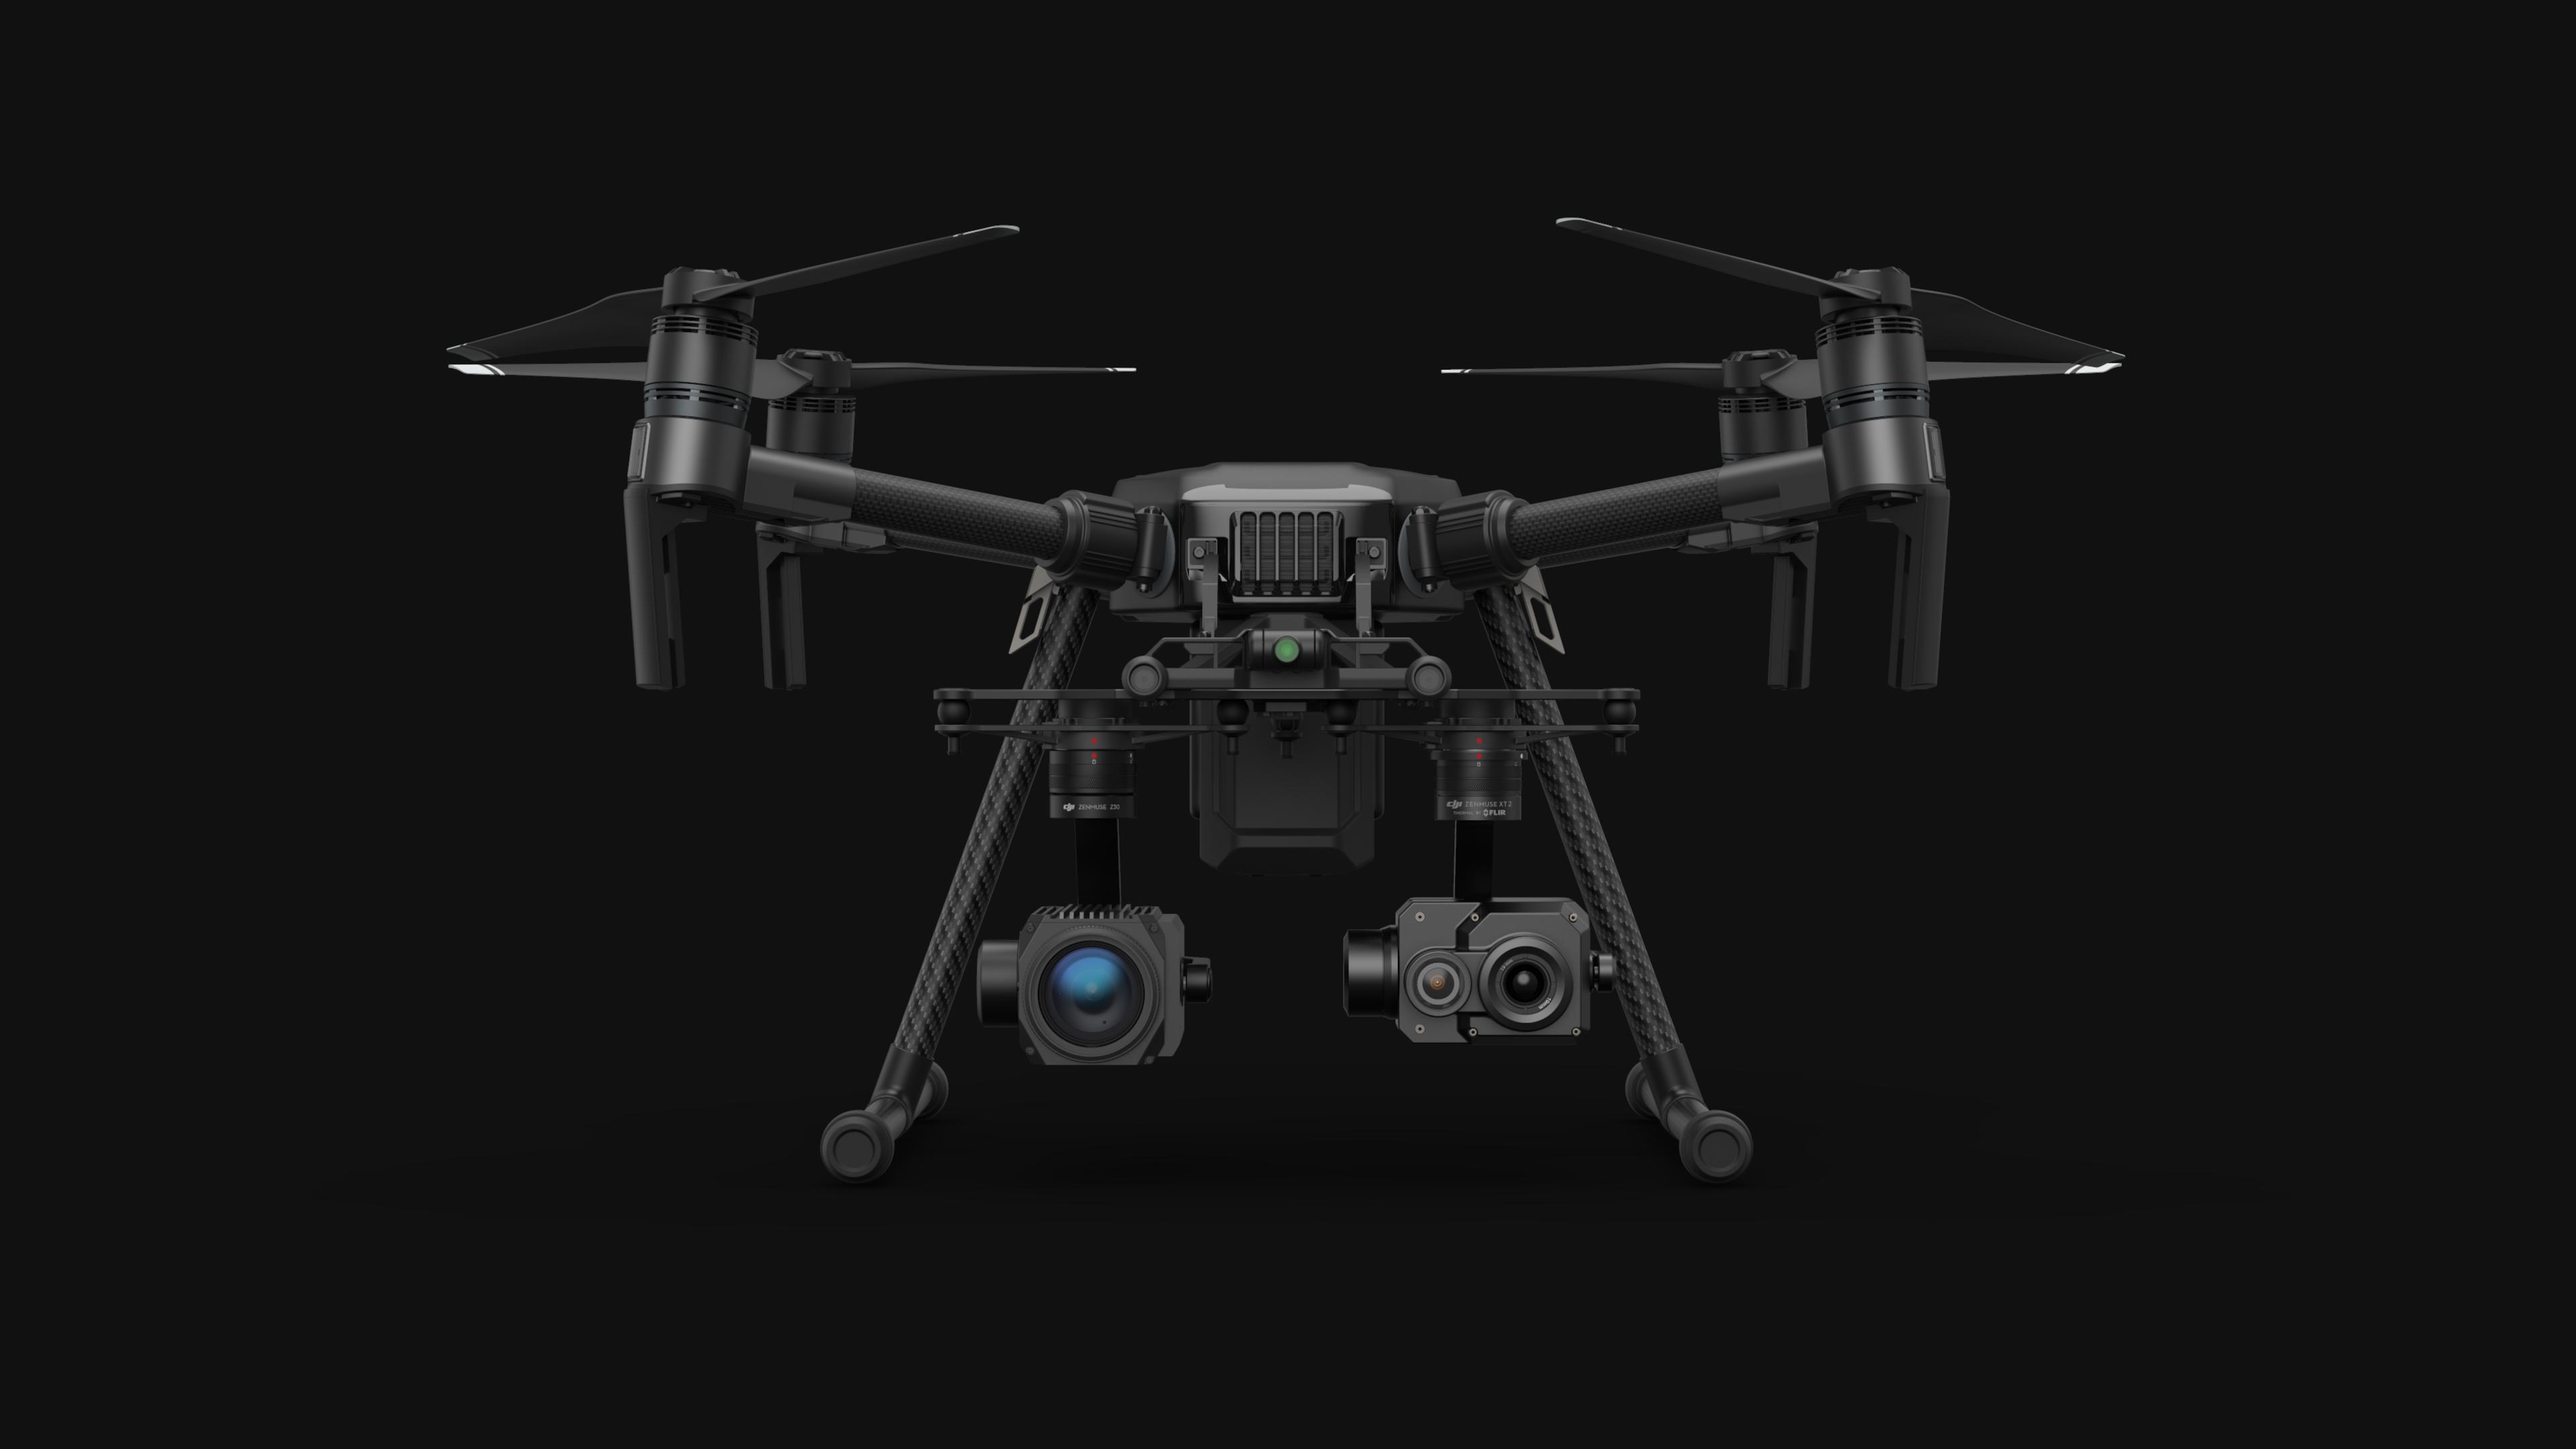 Drone-maker DJI announces a new enterprise development kit